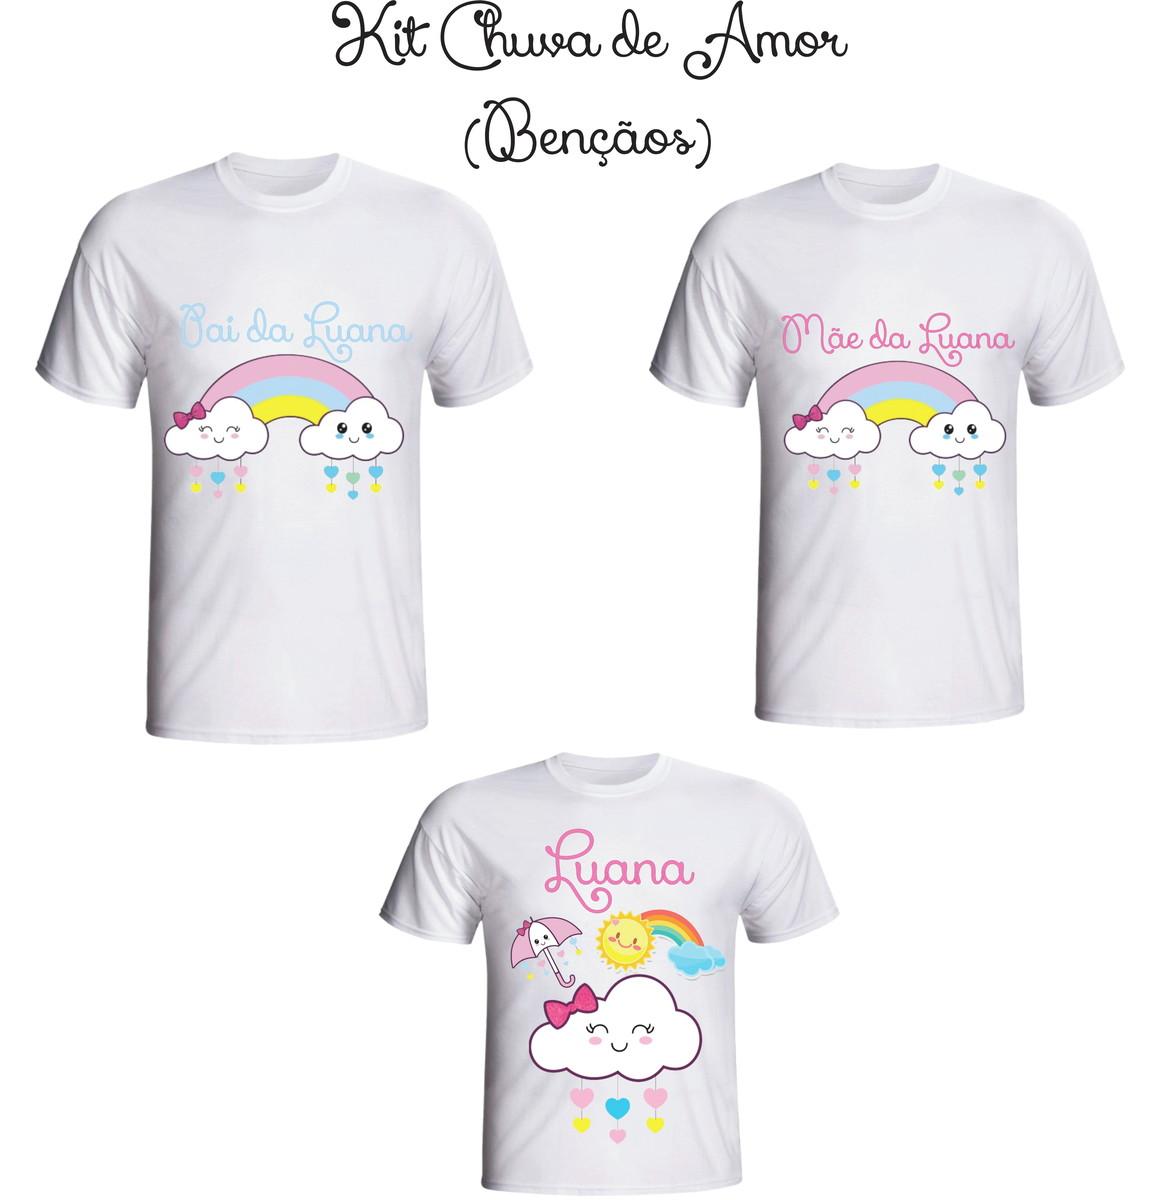 Camiseta Chuva de Amor - Bençãos Kit  03 - Personalizada no Elo7 ... 4431679e301f5